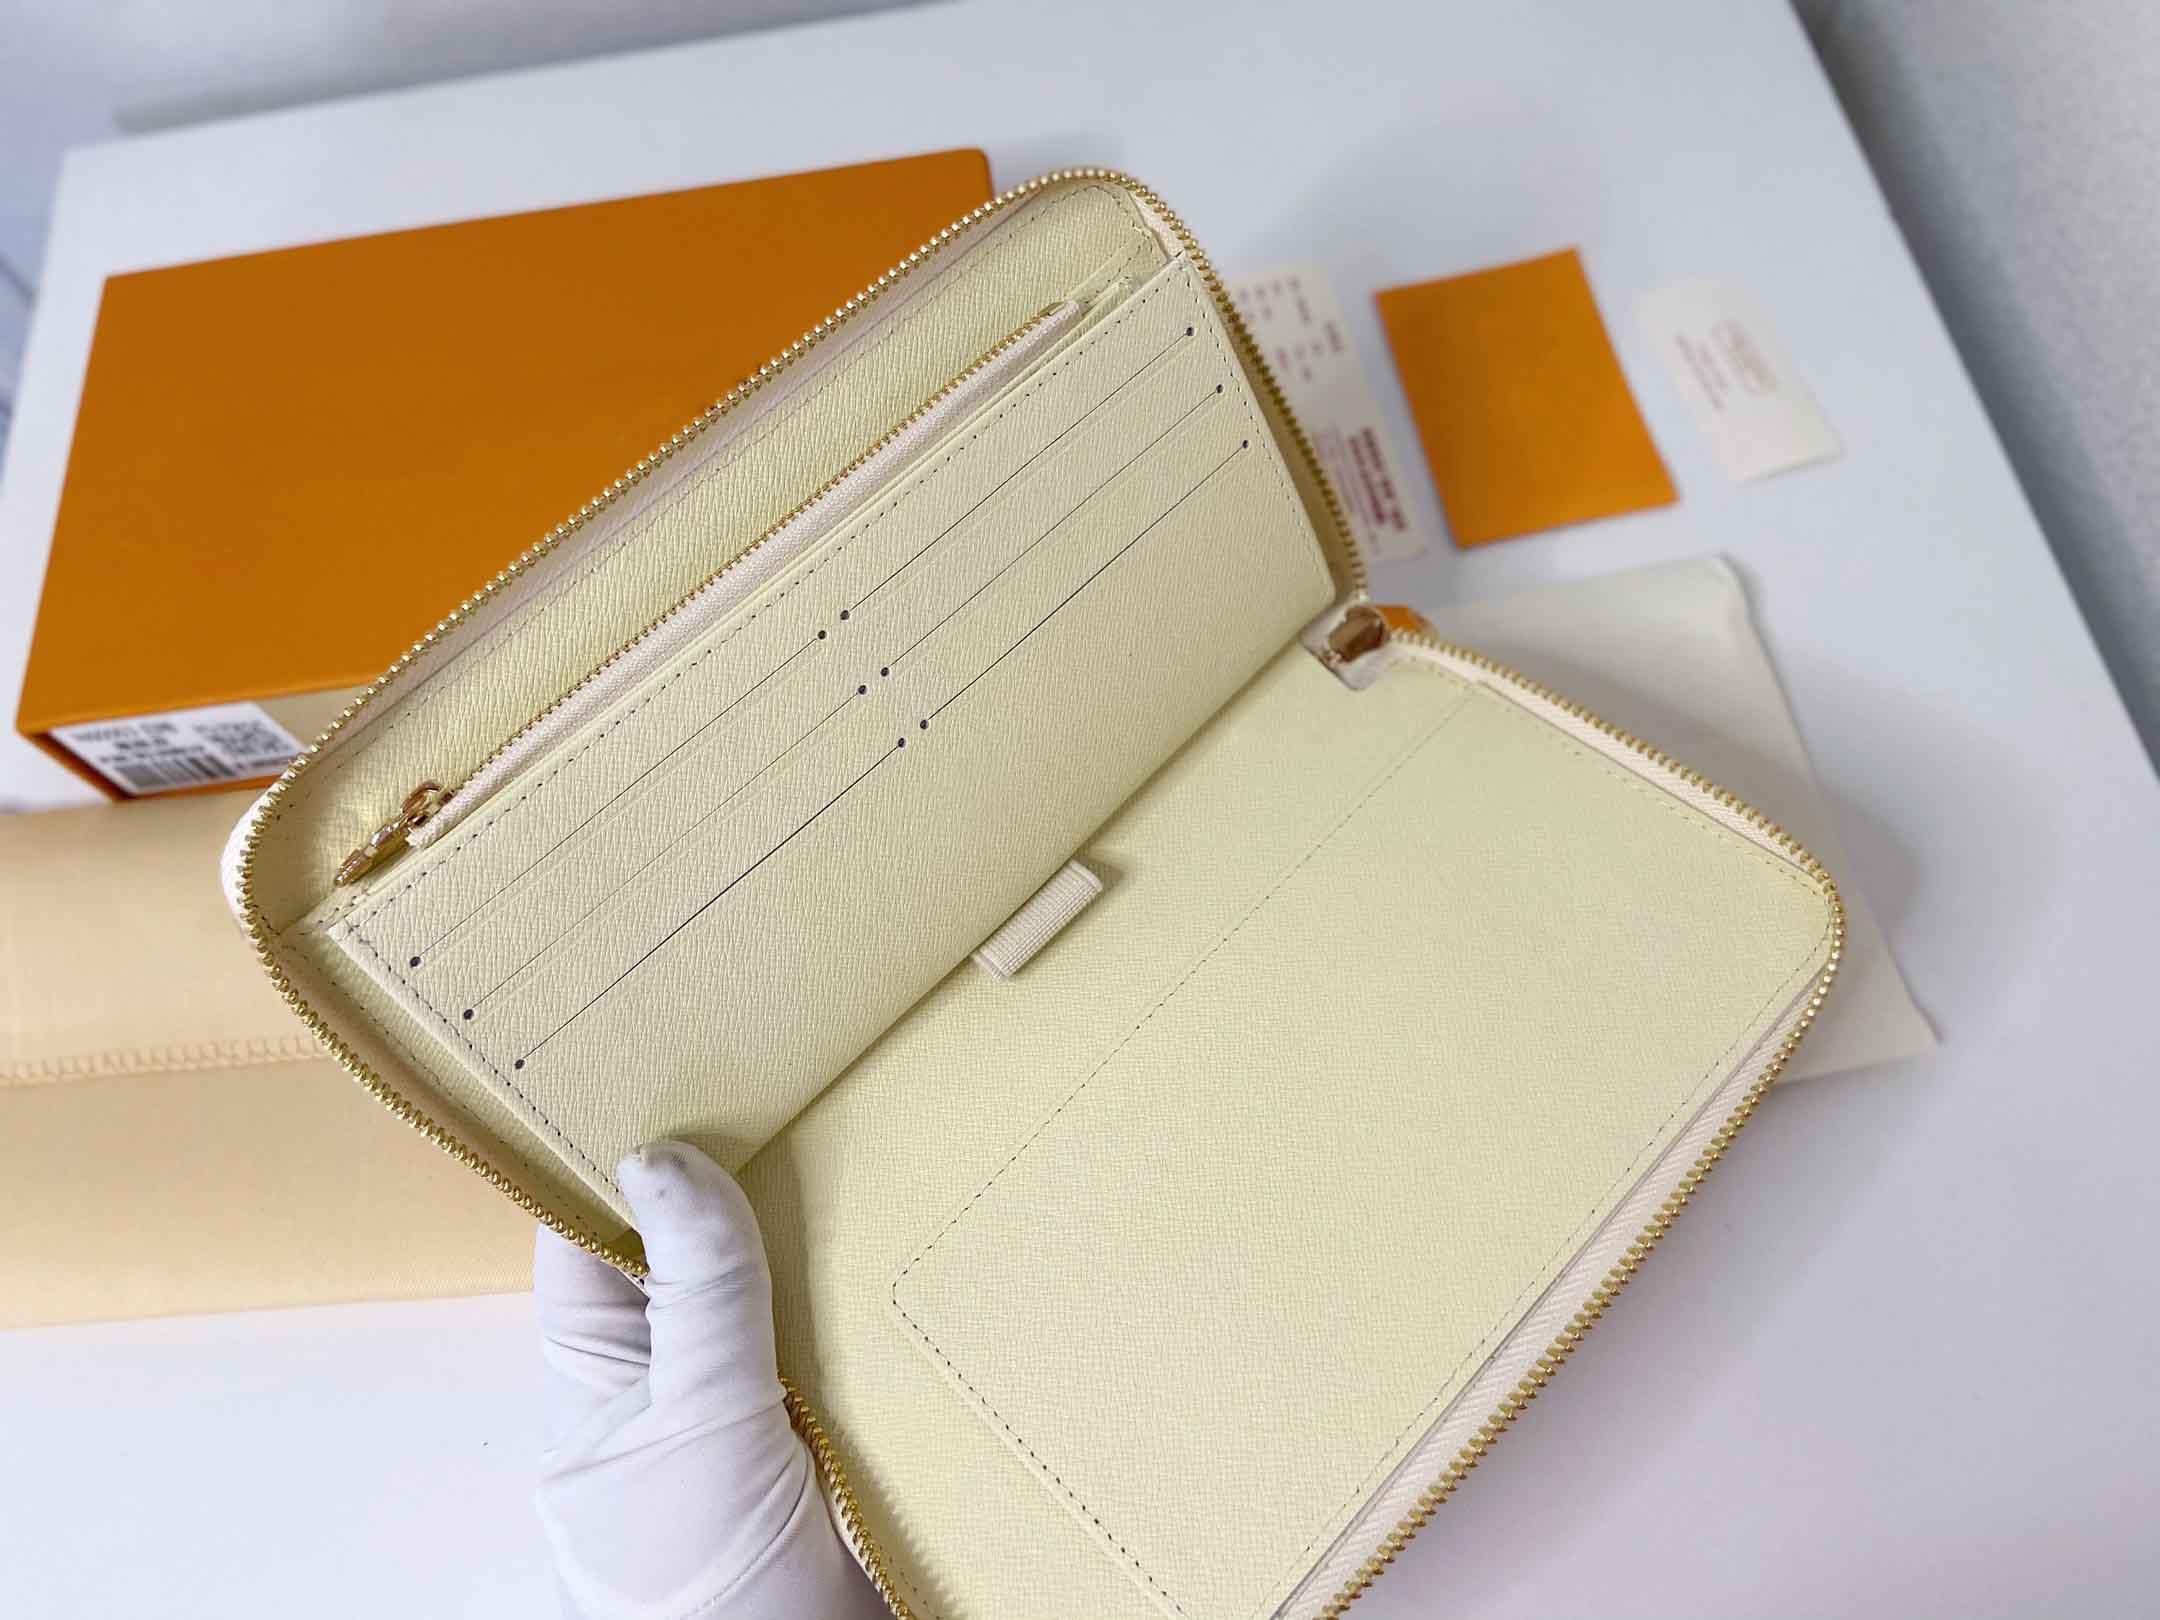 Популярные мужчины женские сцепления кошелек кожаный кожаный одиночный молния кошельки леди длинная классическая высокая мощность кошелек оригинальные держатели коробки 60003 21x11